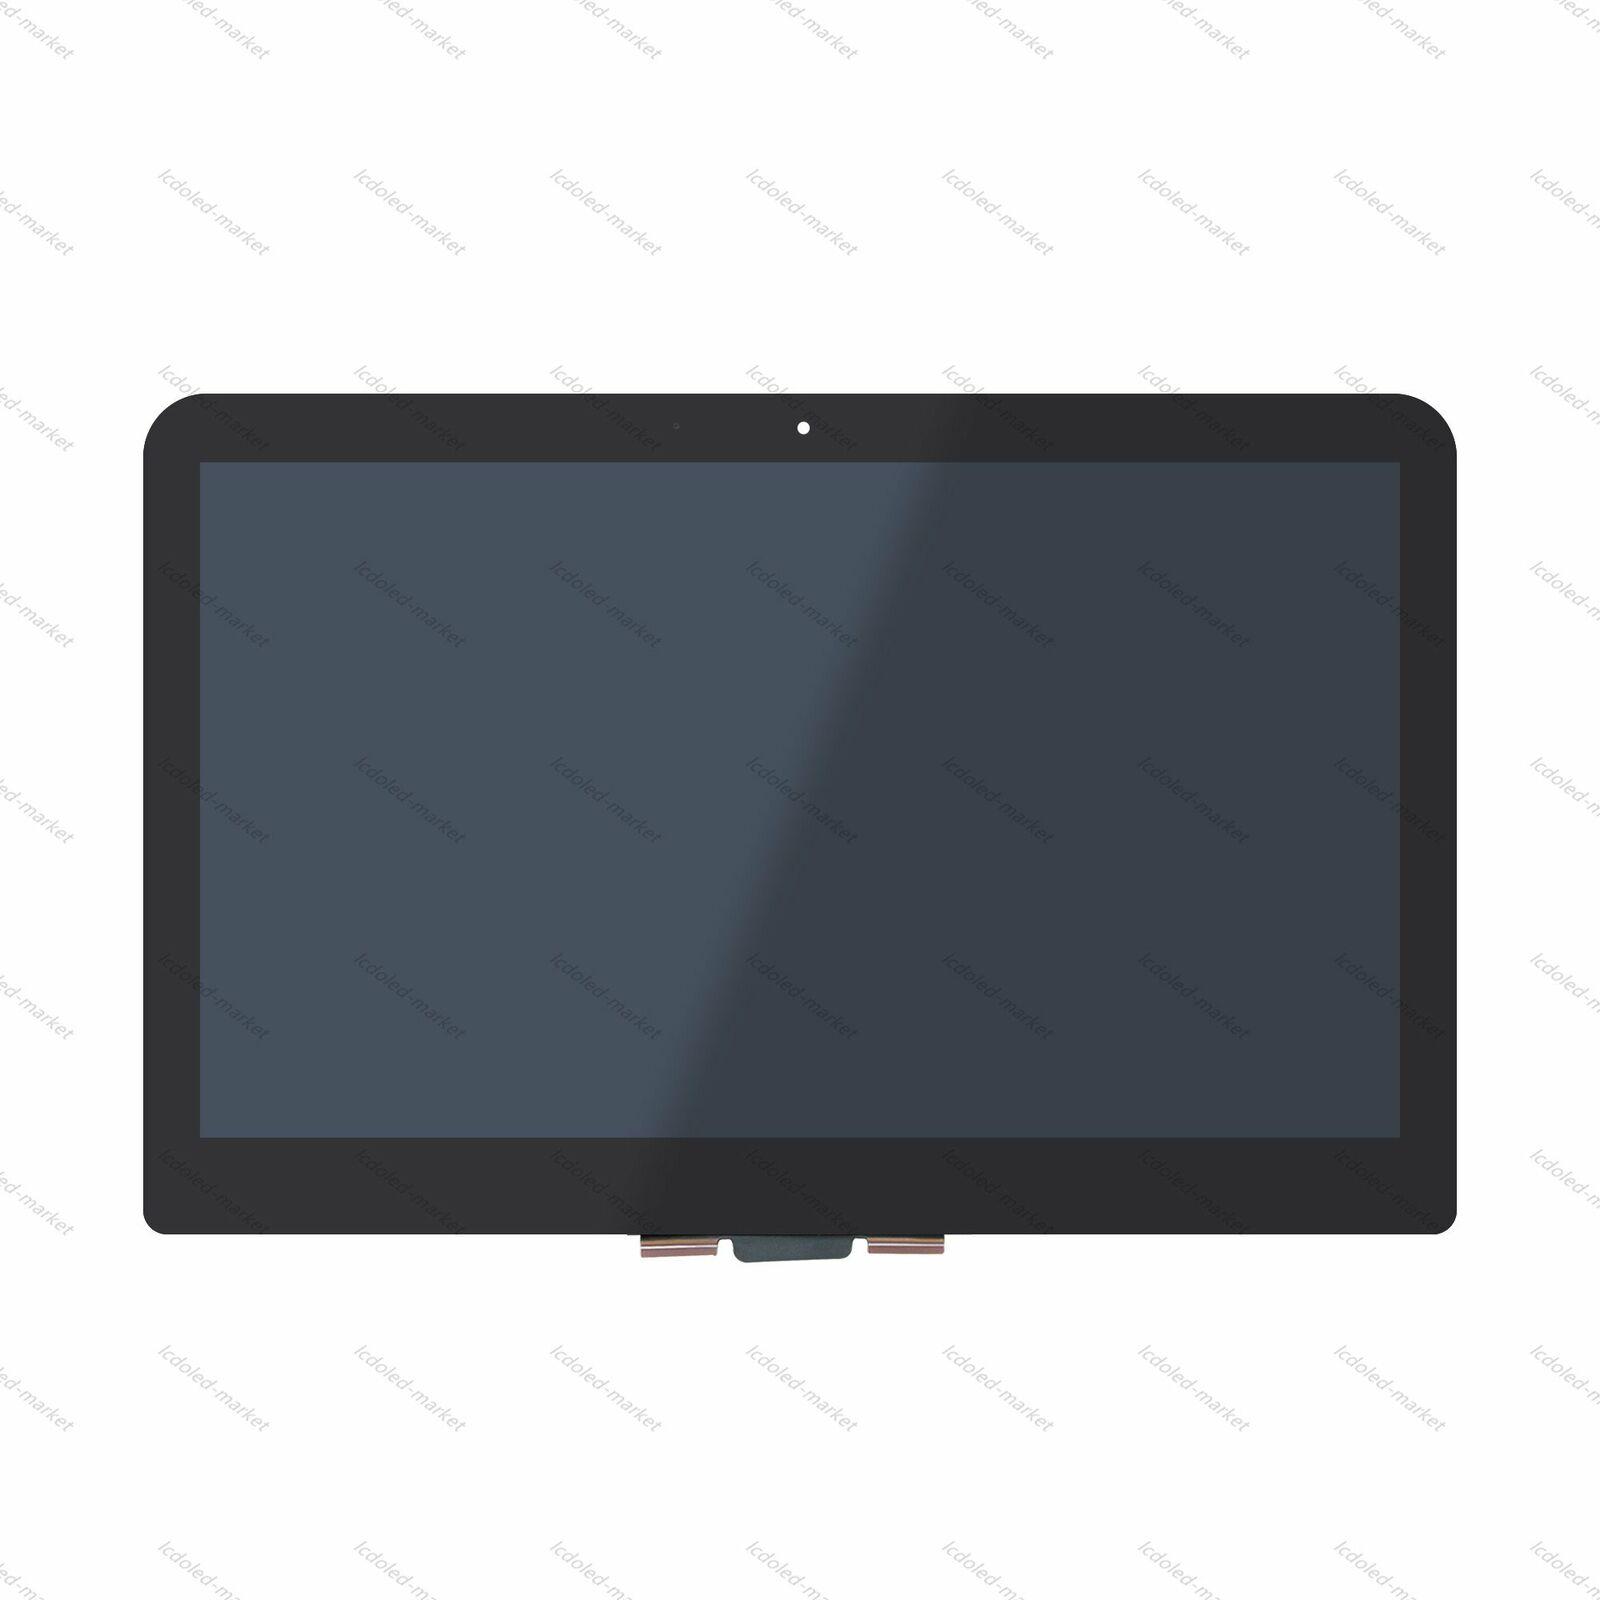 جيانغ لون QHD LCD محول الأرقام بشاشة تعمل بلمس عرض الجمعية ل HP الطيف X360 13-4135TU